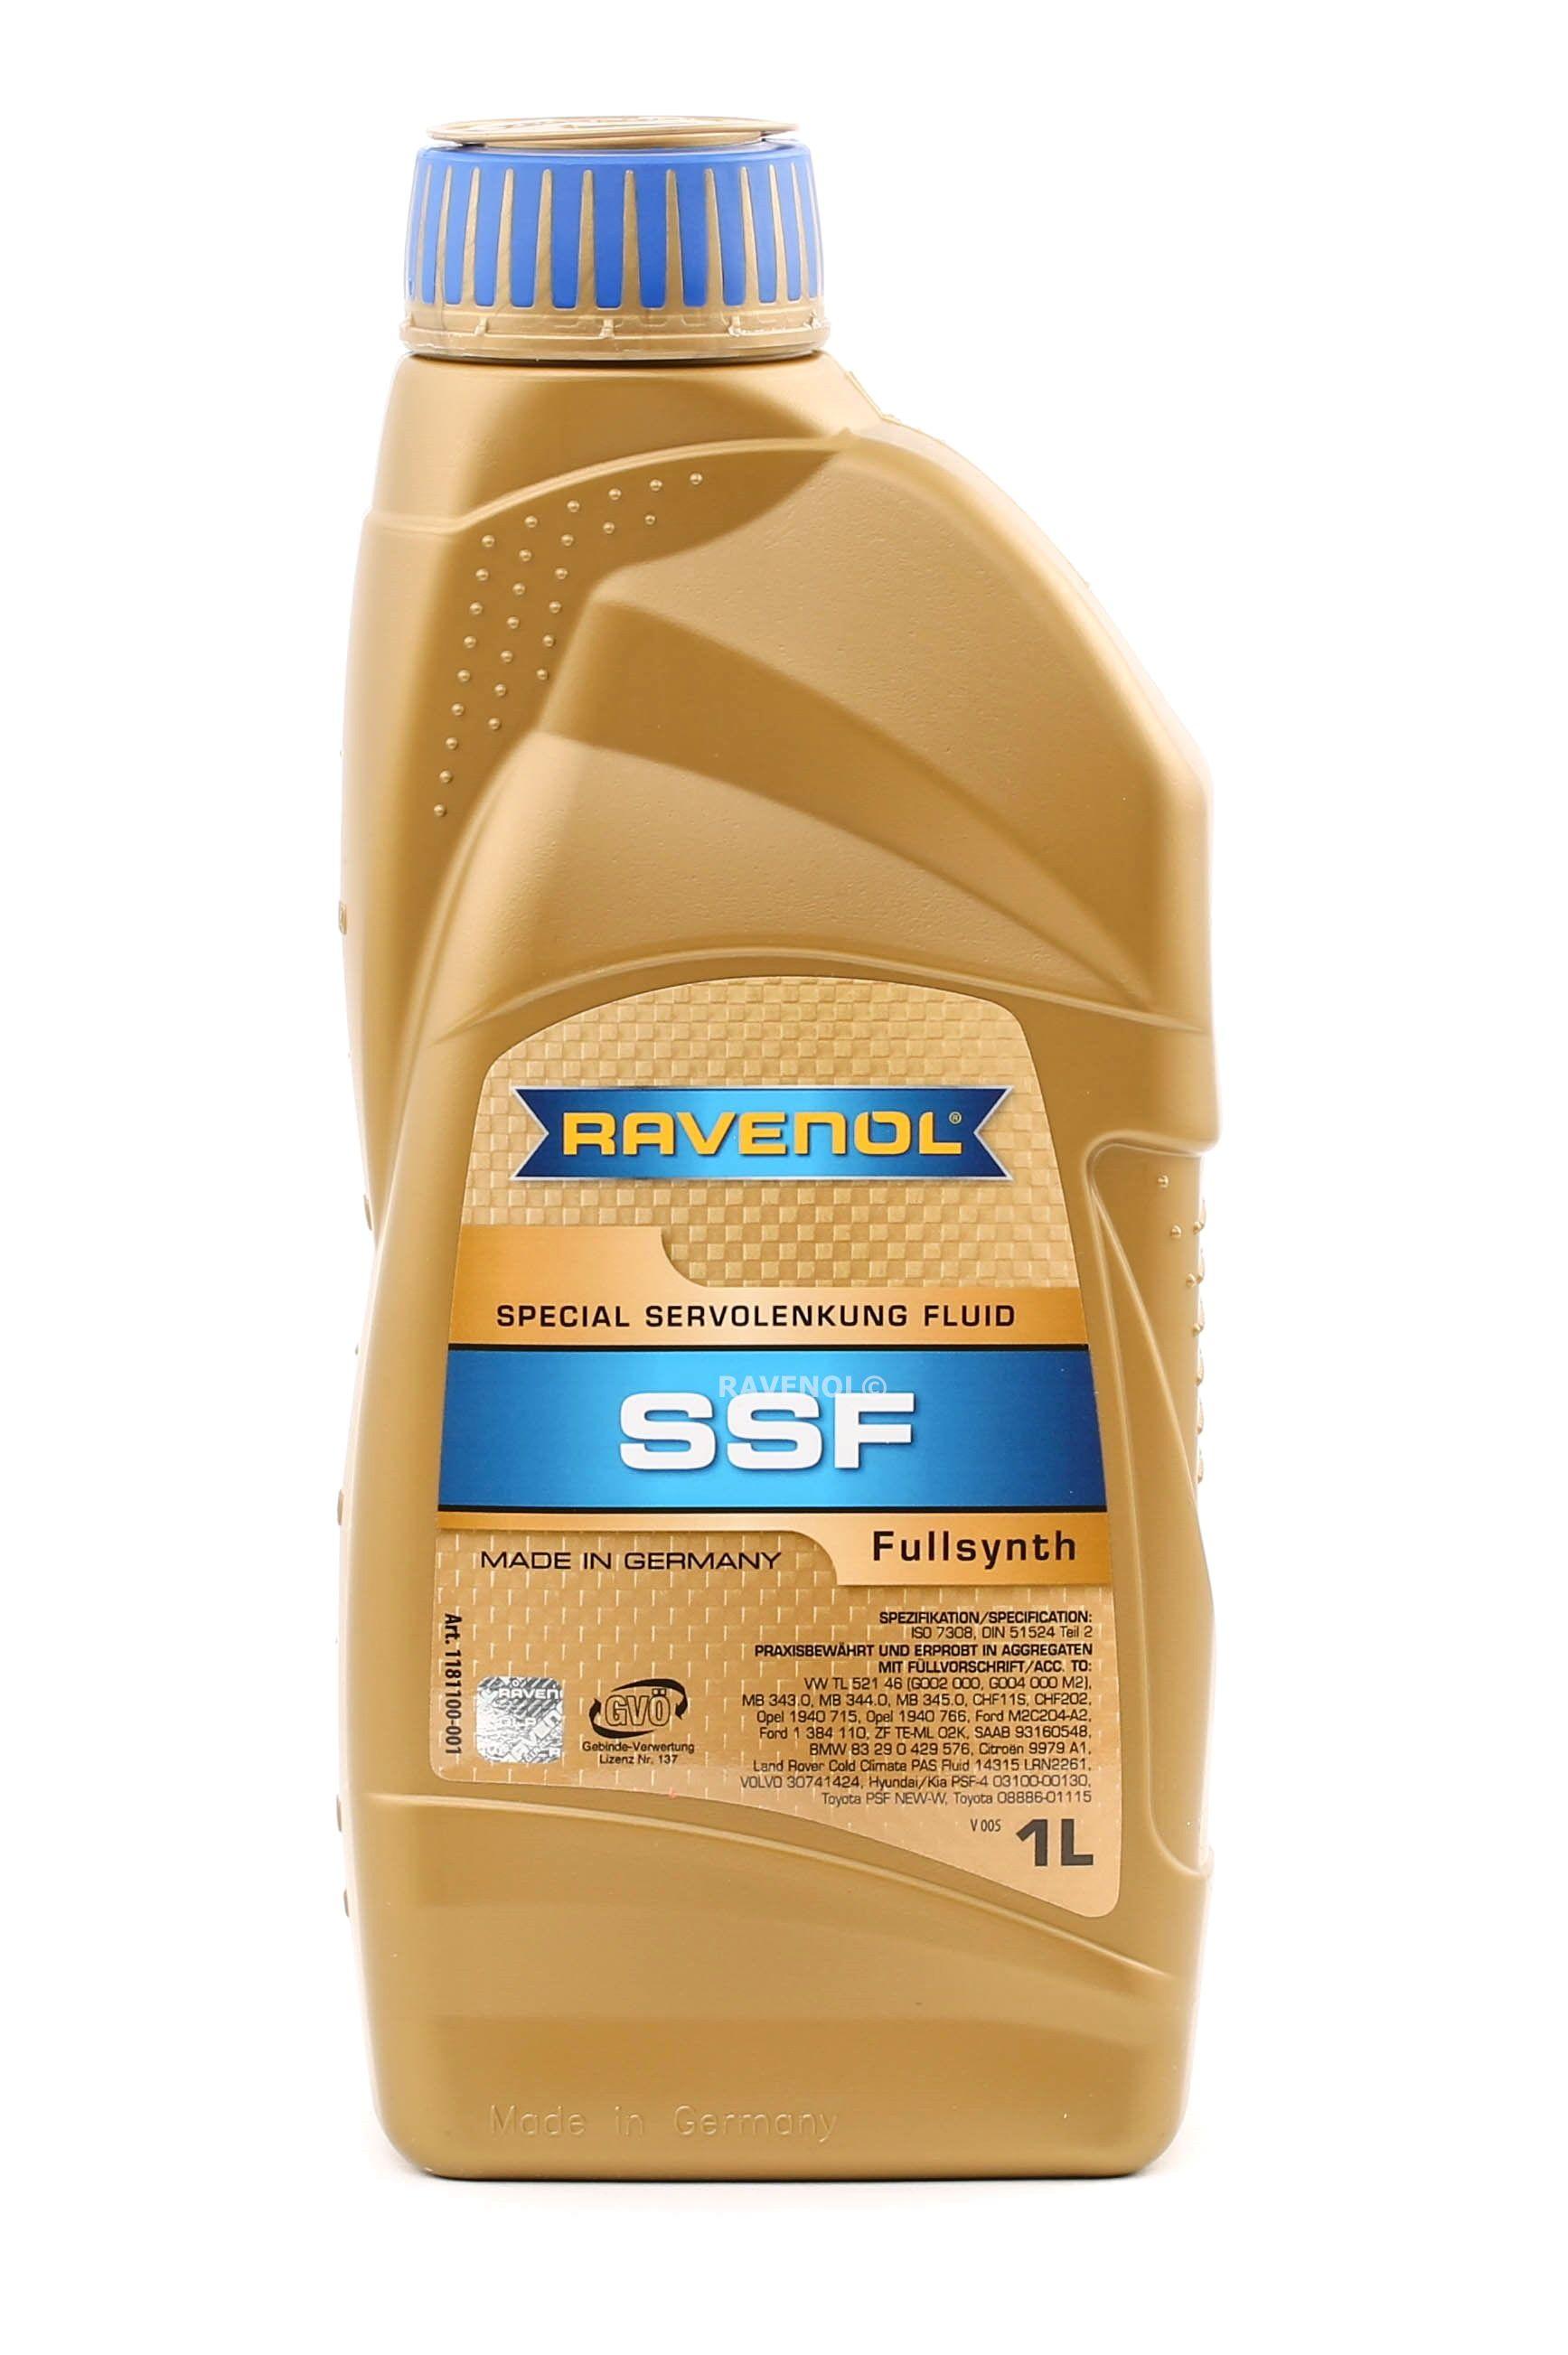 Achetez Amortissement RAVENOL 1181100-001-01-999 (DIN51524 Teil 2) à un rapport qualité-prix exceptionnel